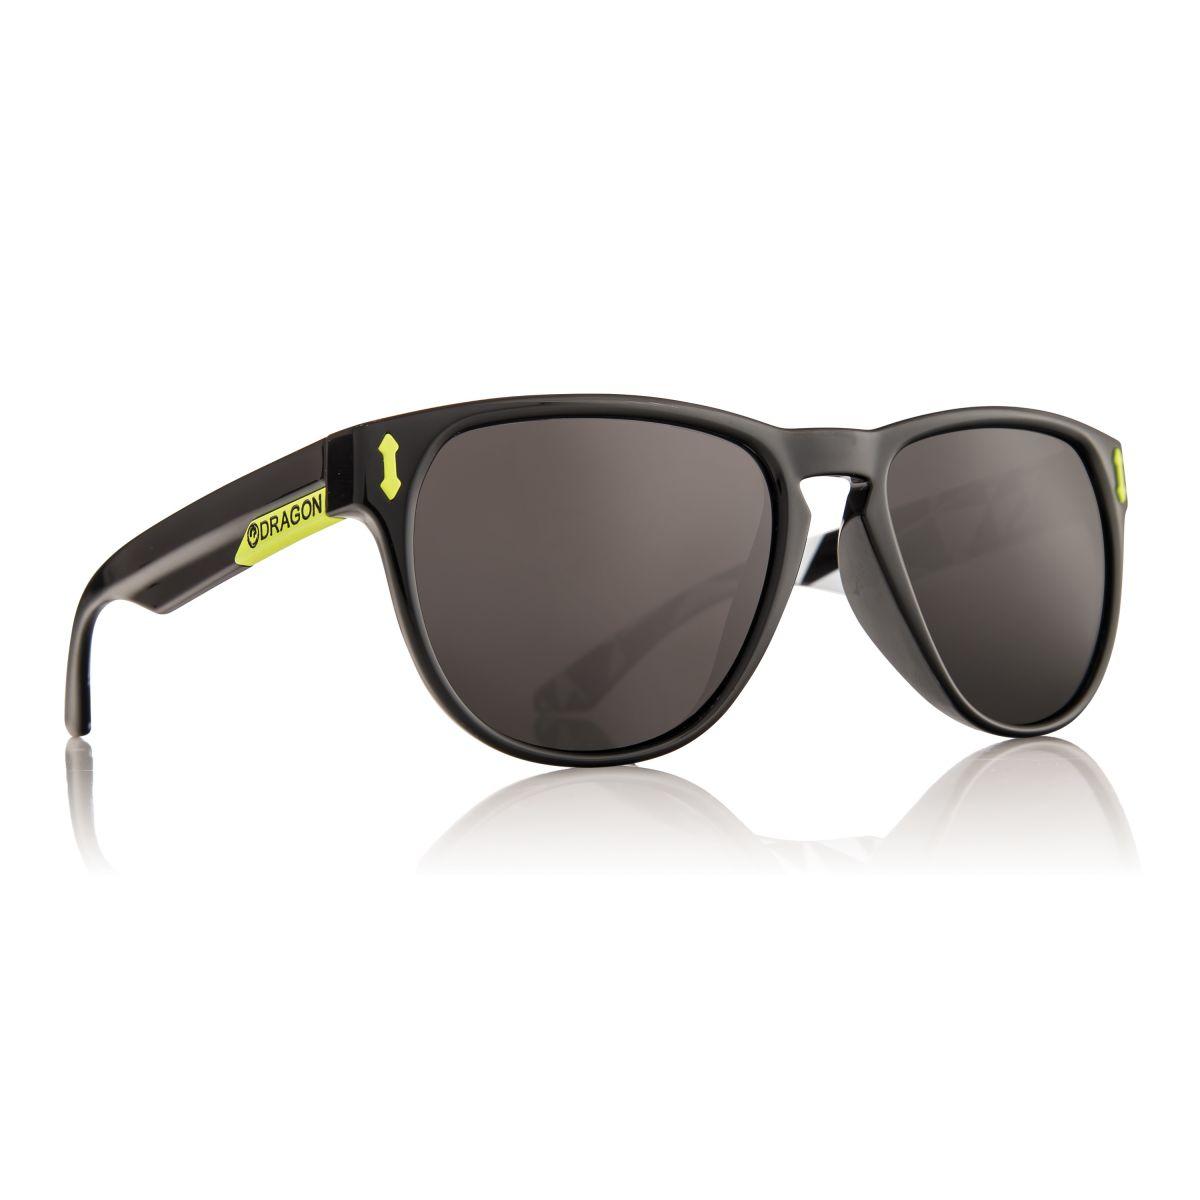 Dragon sunglasses occhiali da sole da uomo 24895 908 for Pubblicita occhiali da sole